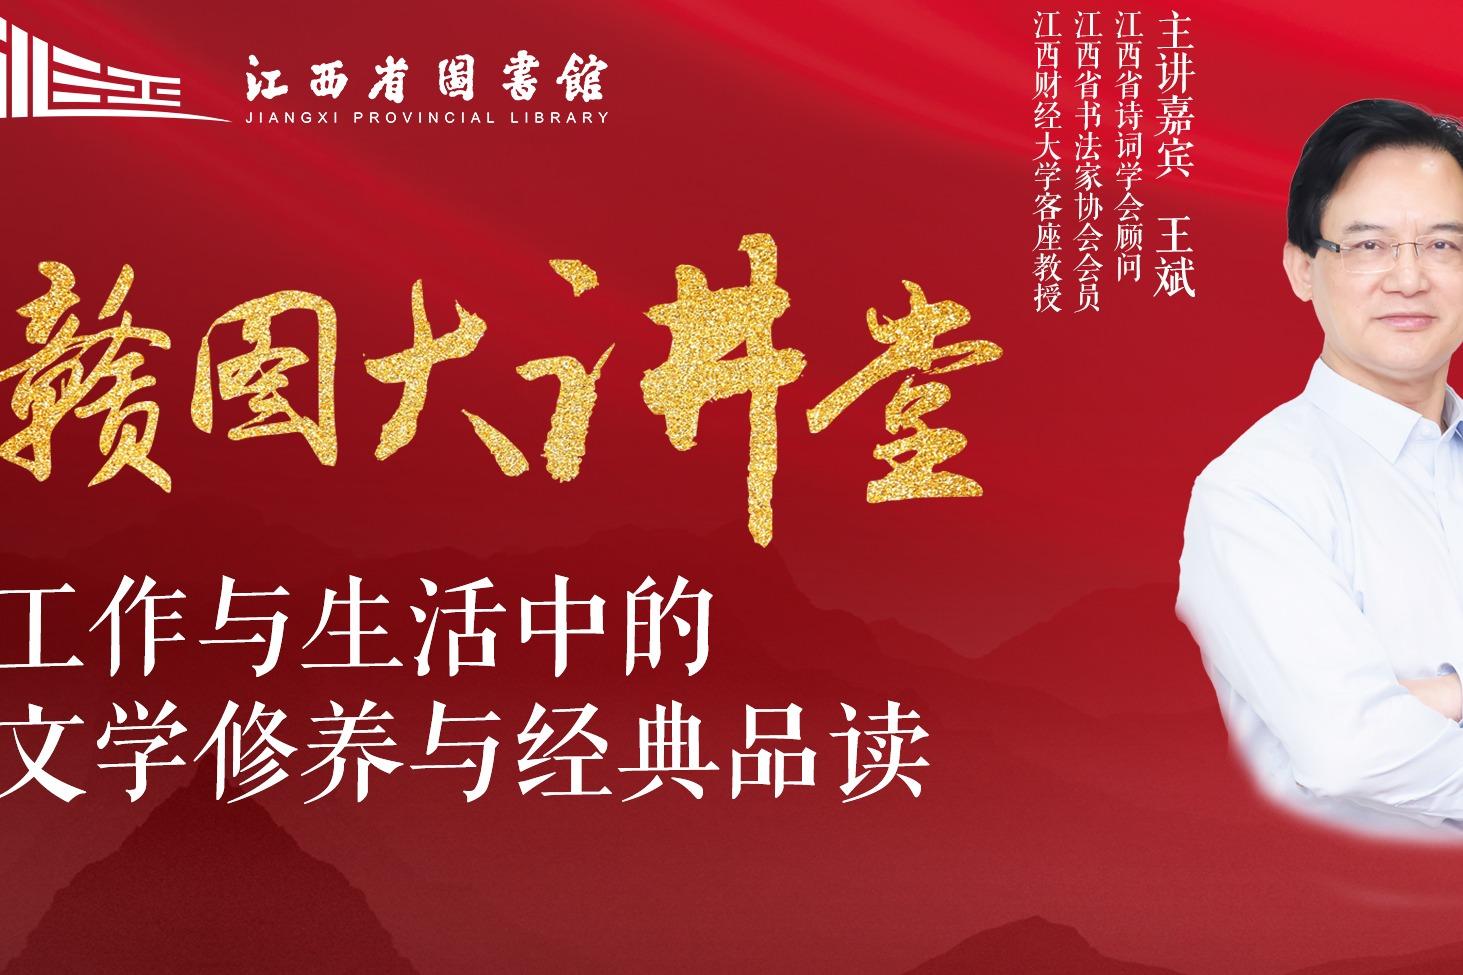 赣图大讲堂:王斌讲述工作与生活中的文学修养与经典品读